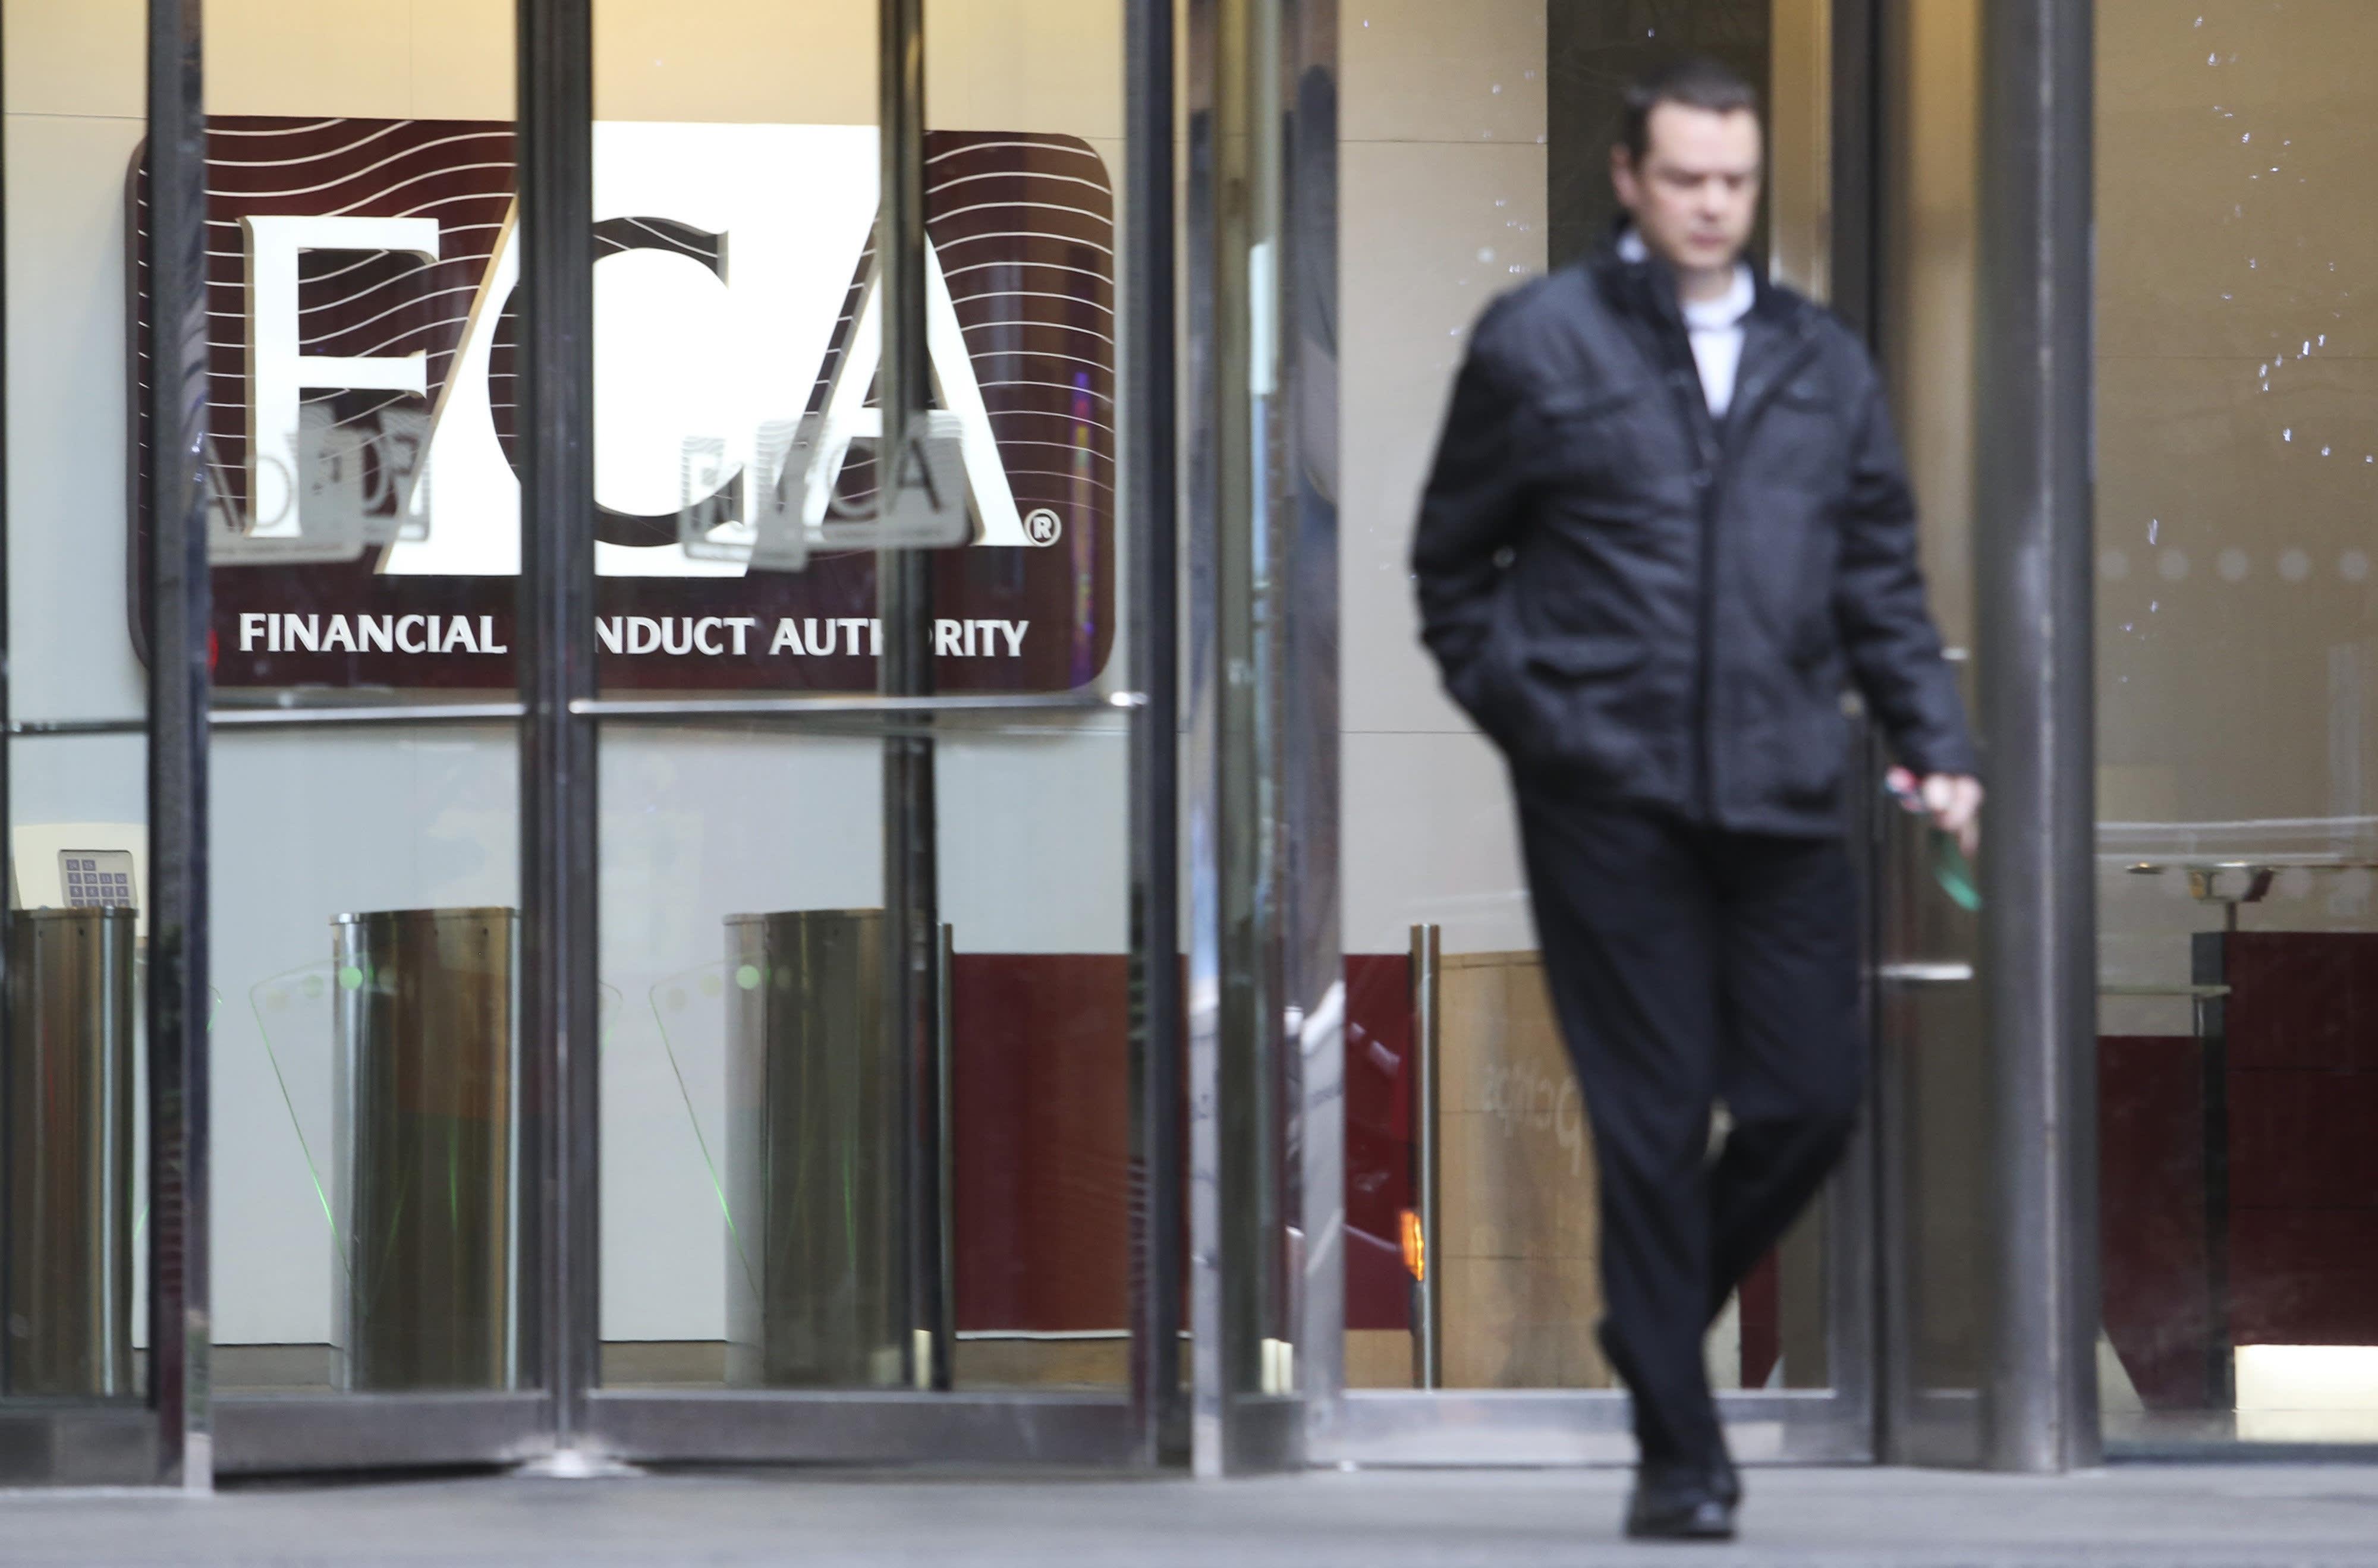 FCA takes enforcement action on debt management case